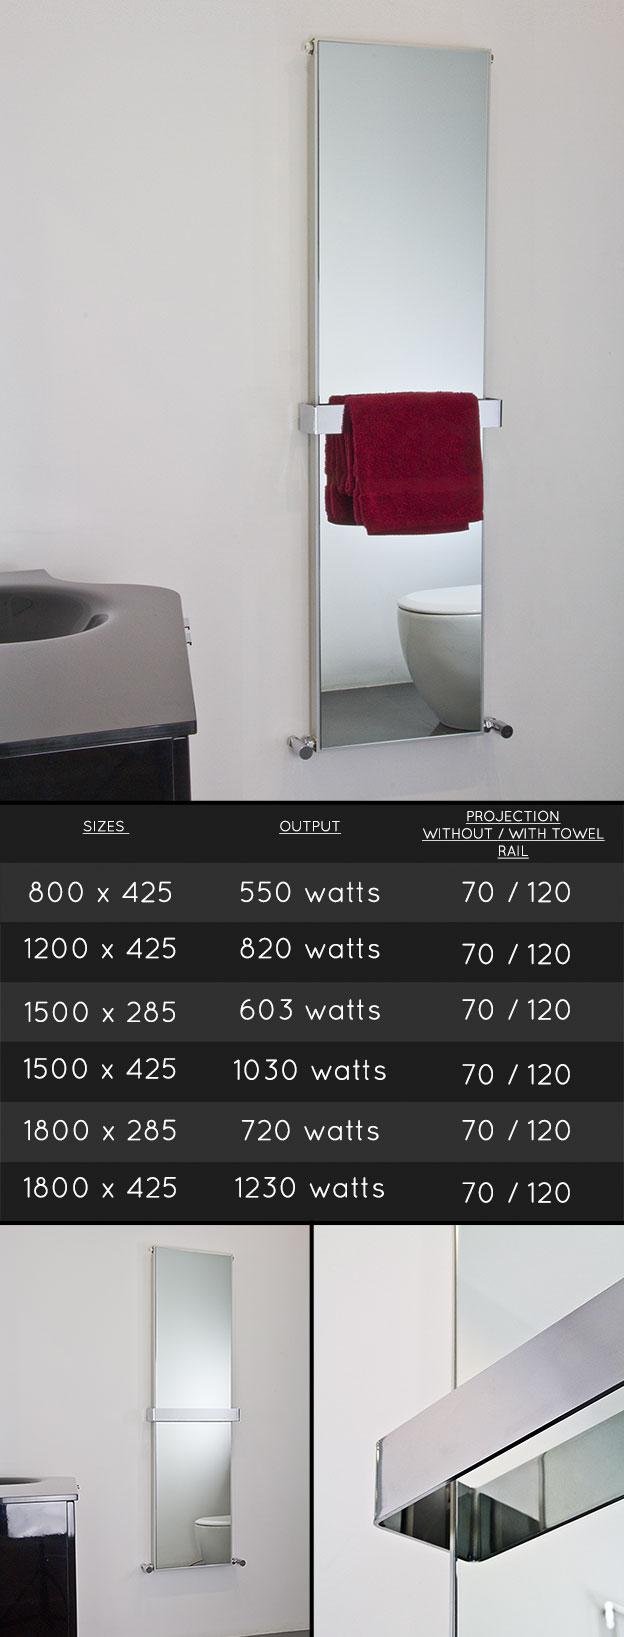 heated bathroom mirror radiator heating towel rail radiator. Black Bedroom Furniture Sets. Home Design Ideas